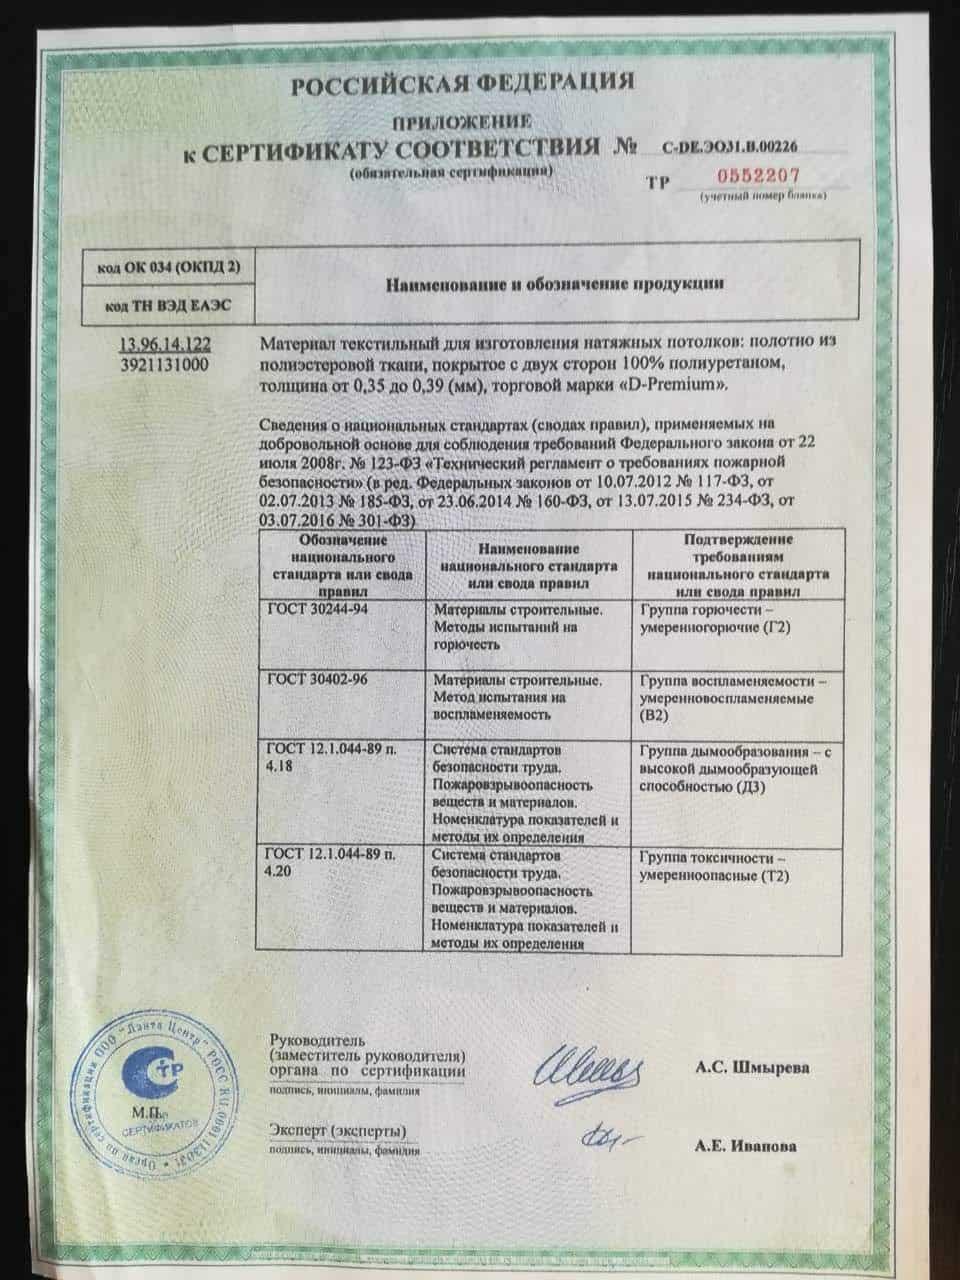 Prilozhenie-k-sertifikatu-sootvetstviya